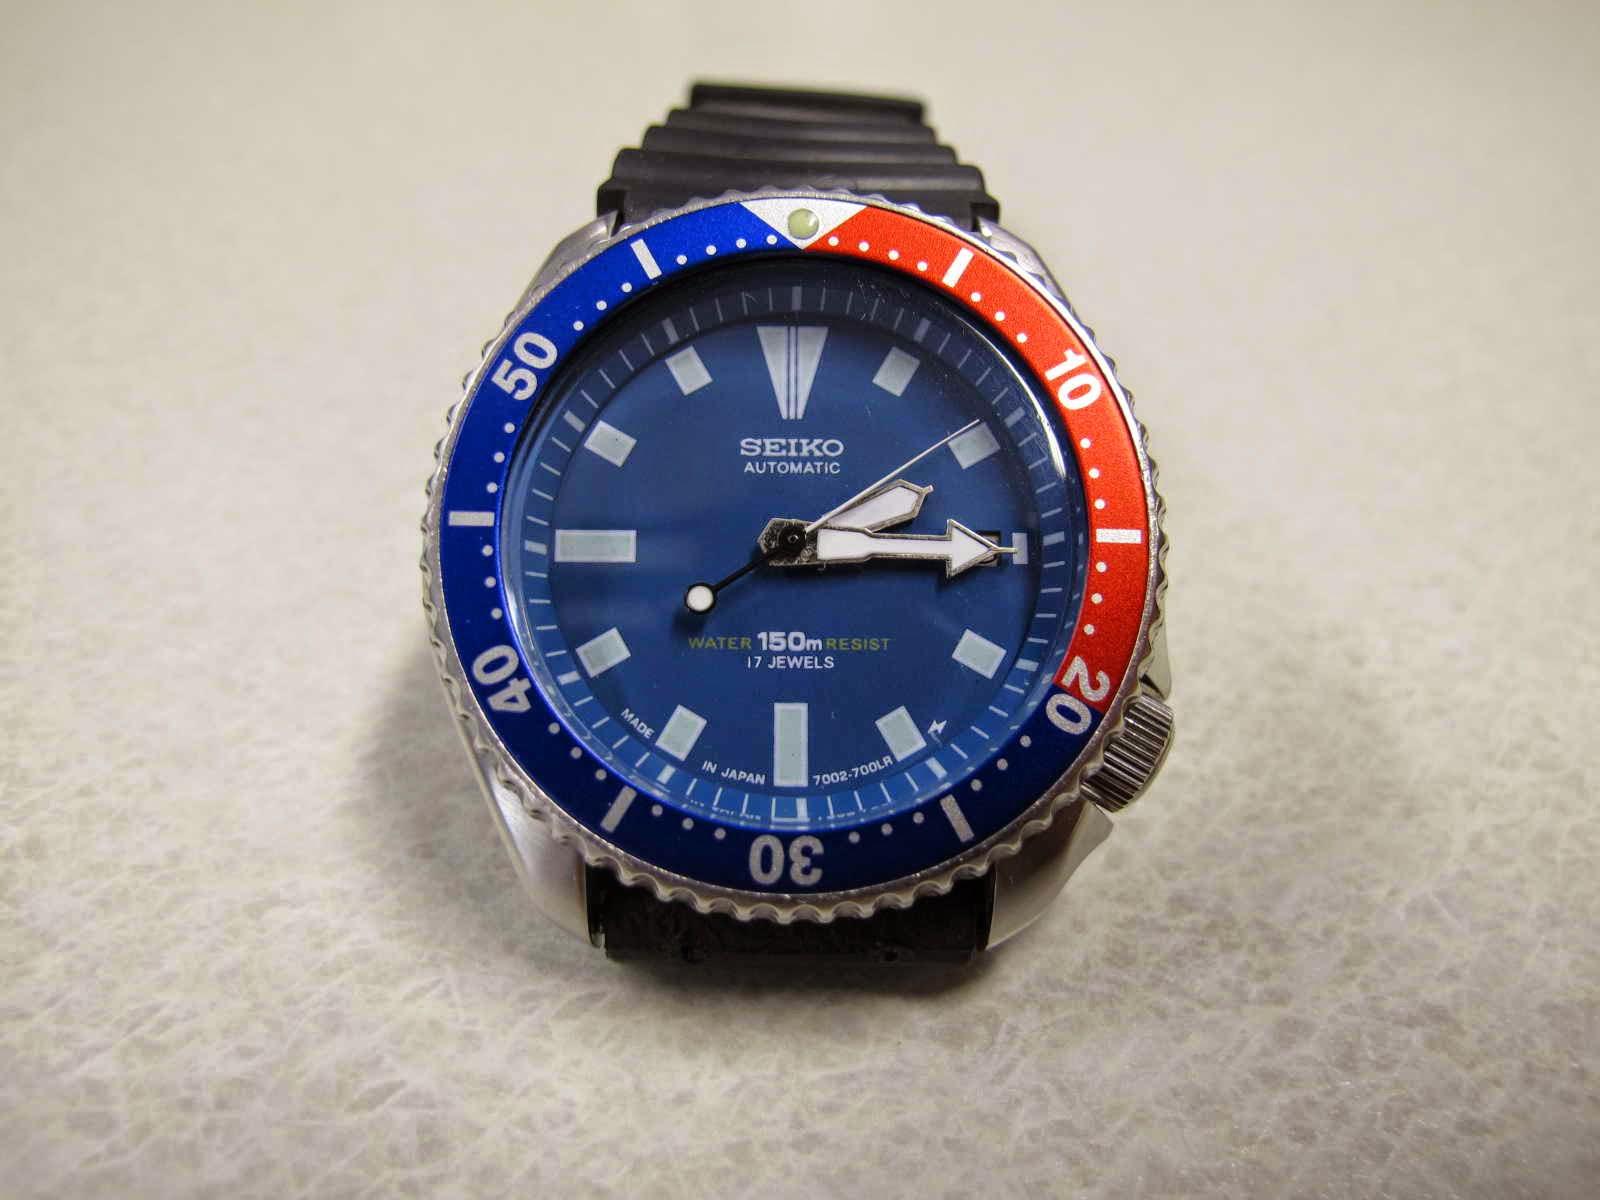 Tebal case 13 mm dan lebar lug 22 mm Kondisi jalan bagus tepat waktu Cocok untuk Anda yang sedang mencari jam tangan Diver simple and masculin